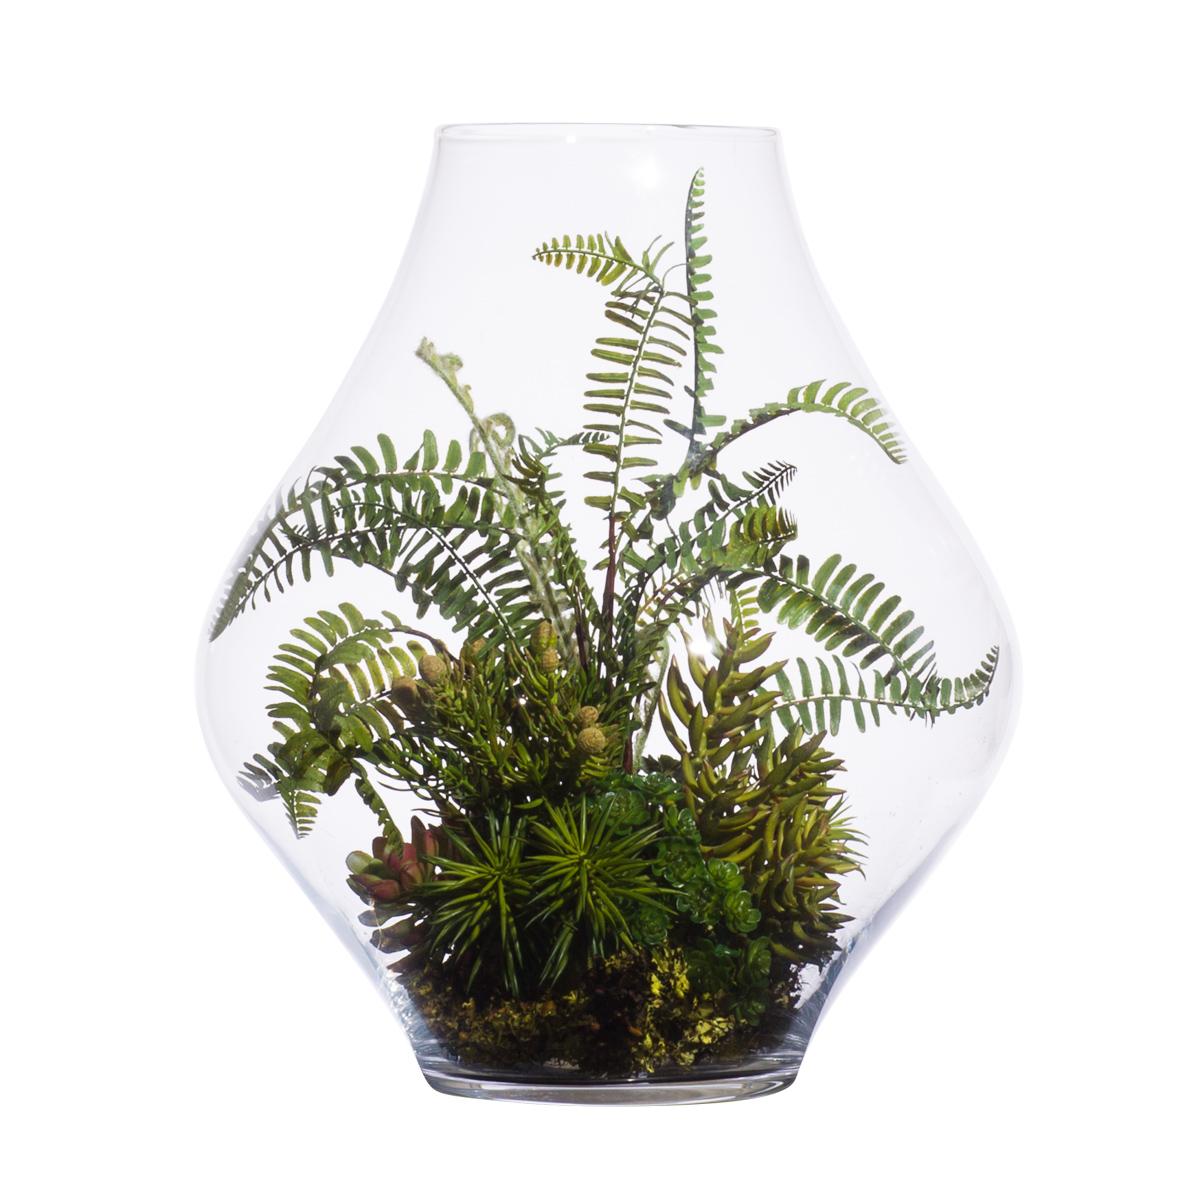 Succulent Fern Bromiliad in Large Terrarium Vase